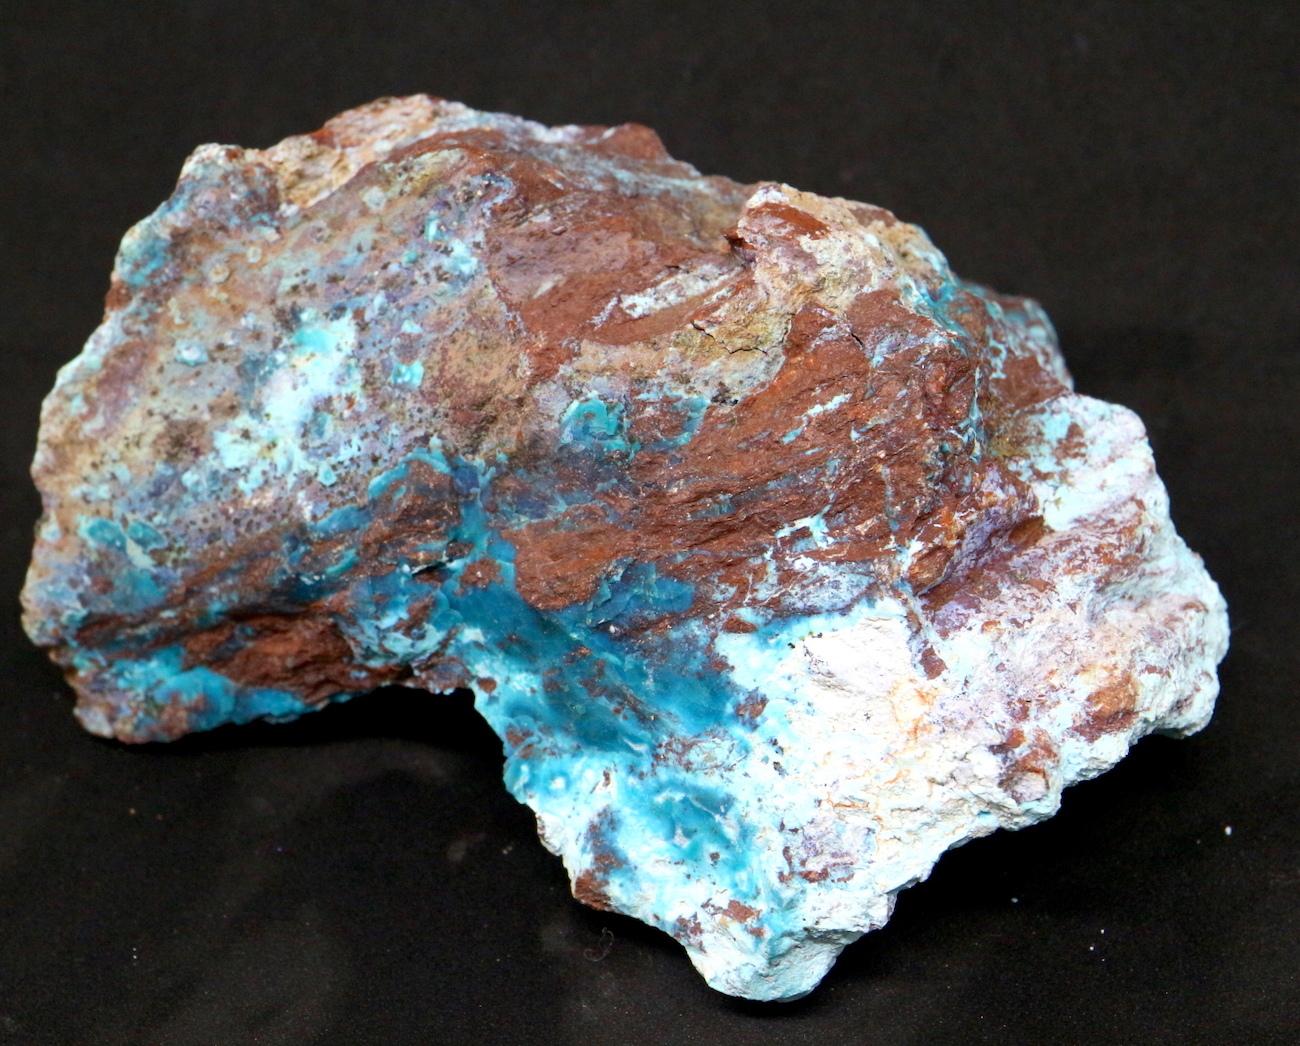 クリソコラ 孔雀石 アリゾナ州  366,7g CHS008  鉱物 天然石 原石